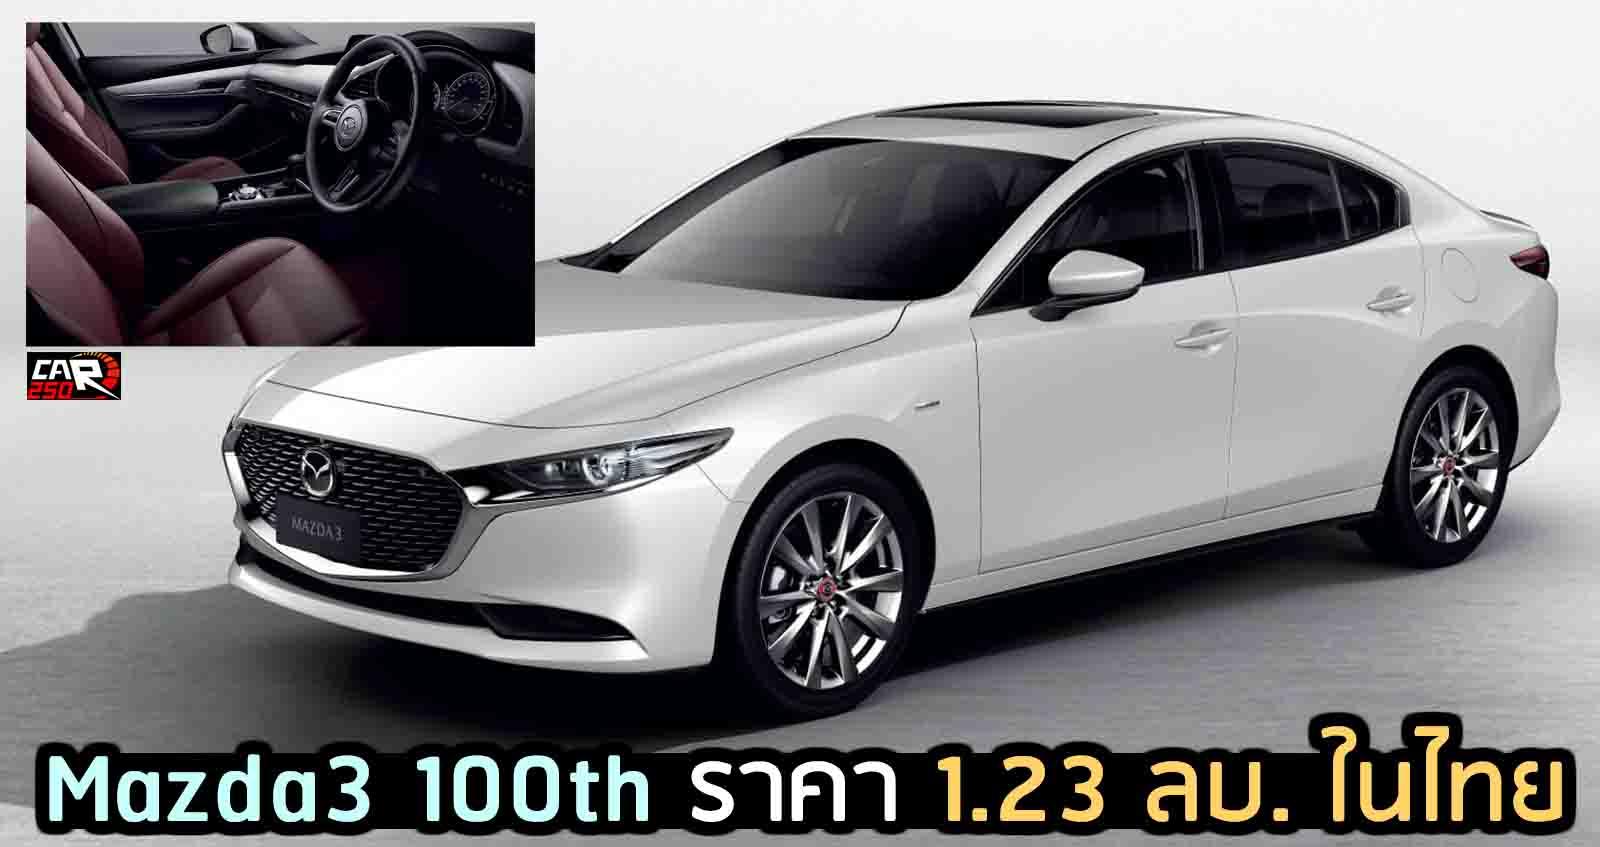 รูปภาพนี้มี Alt แอตทริบิวต์เป็นค่าว่าง ชื่อไฟล์คือ Mazda3.jpg